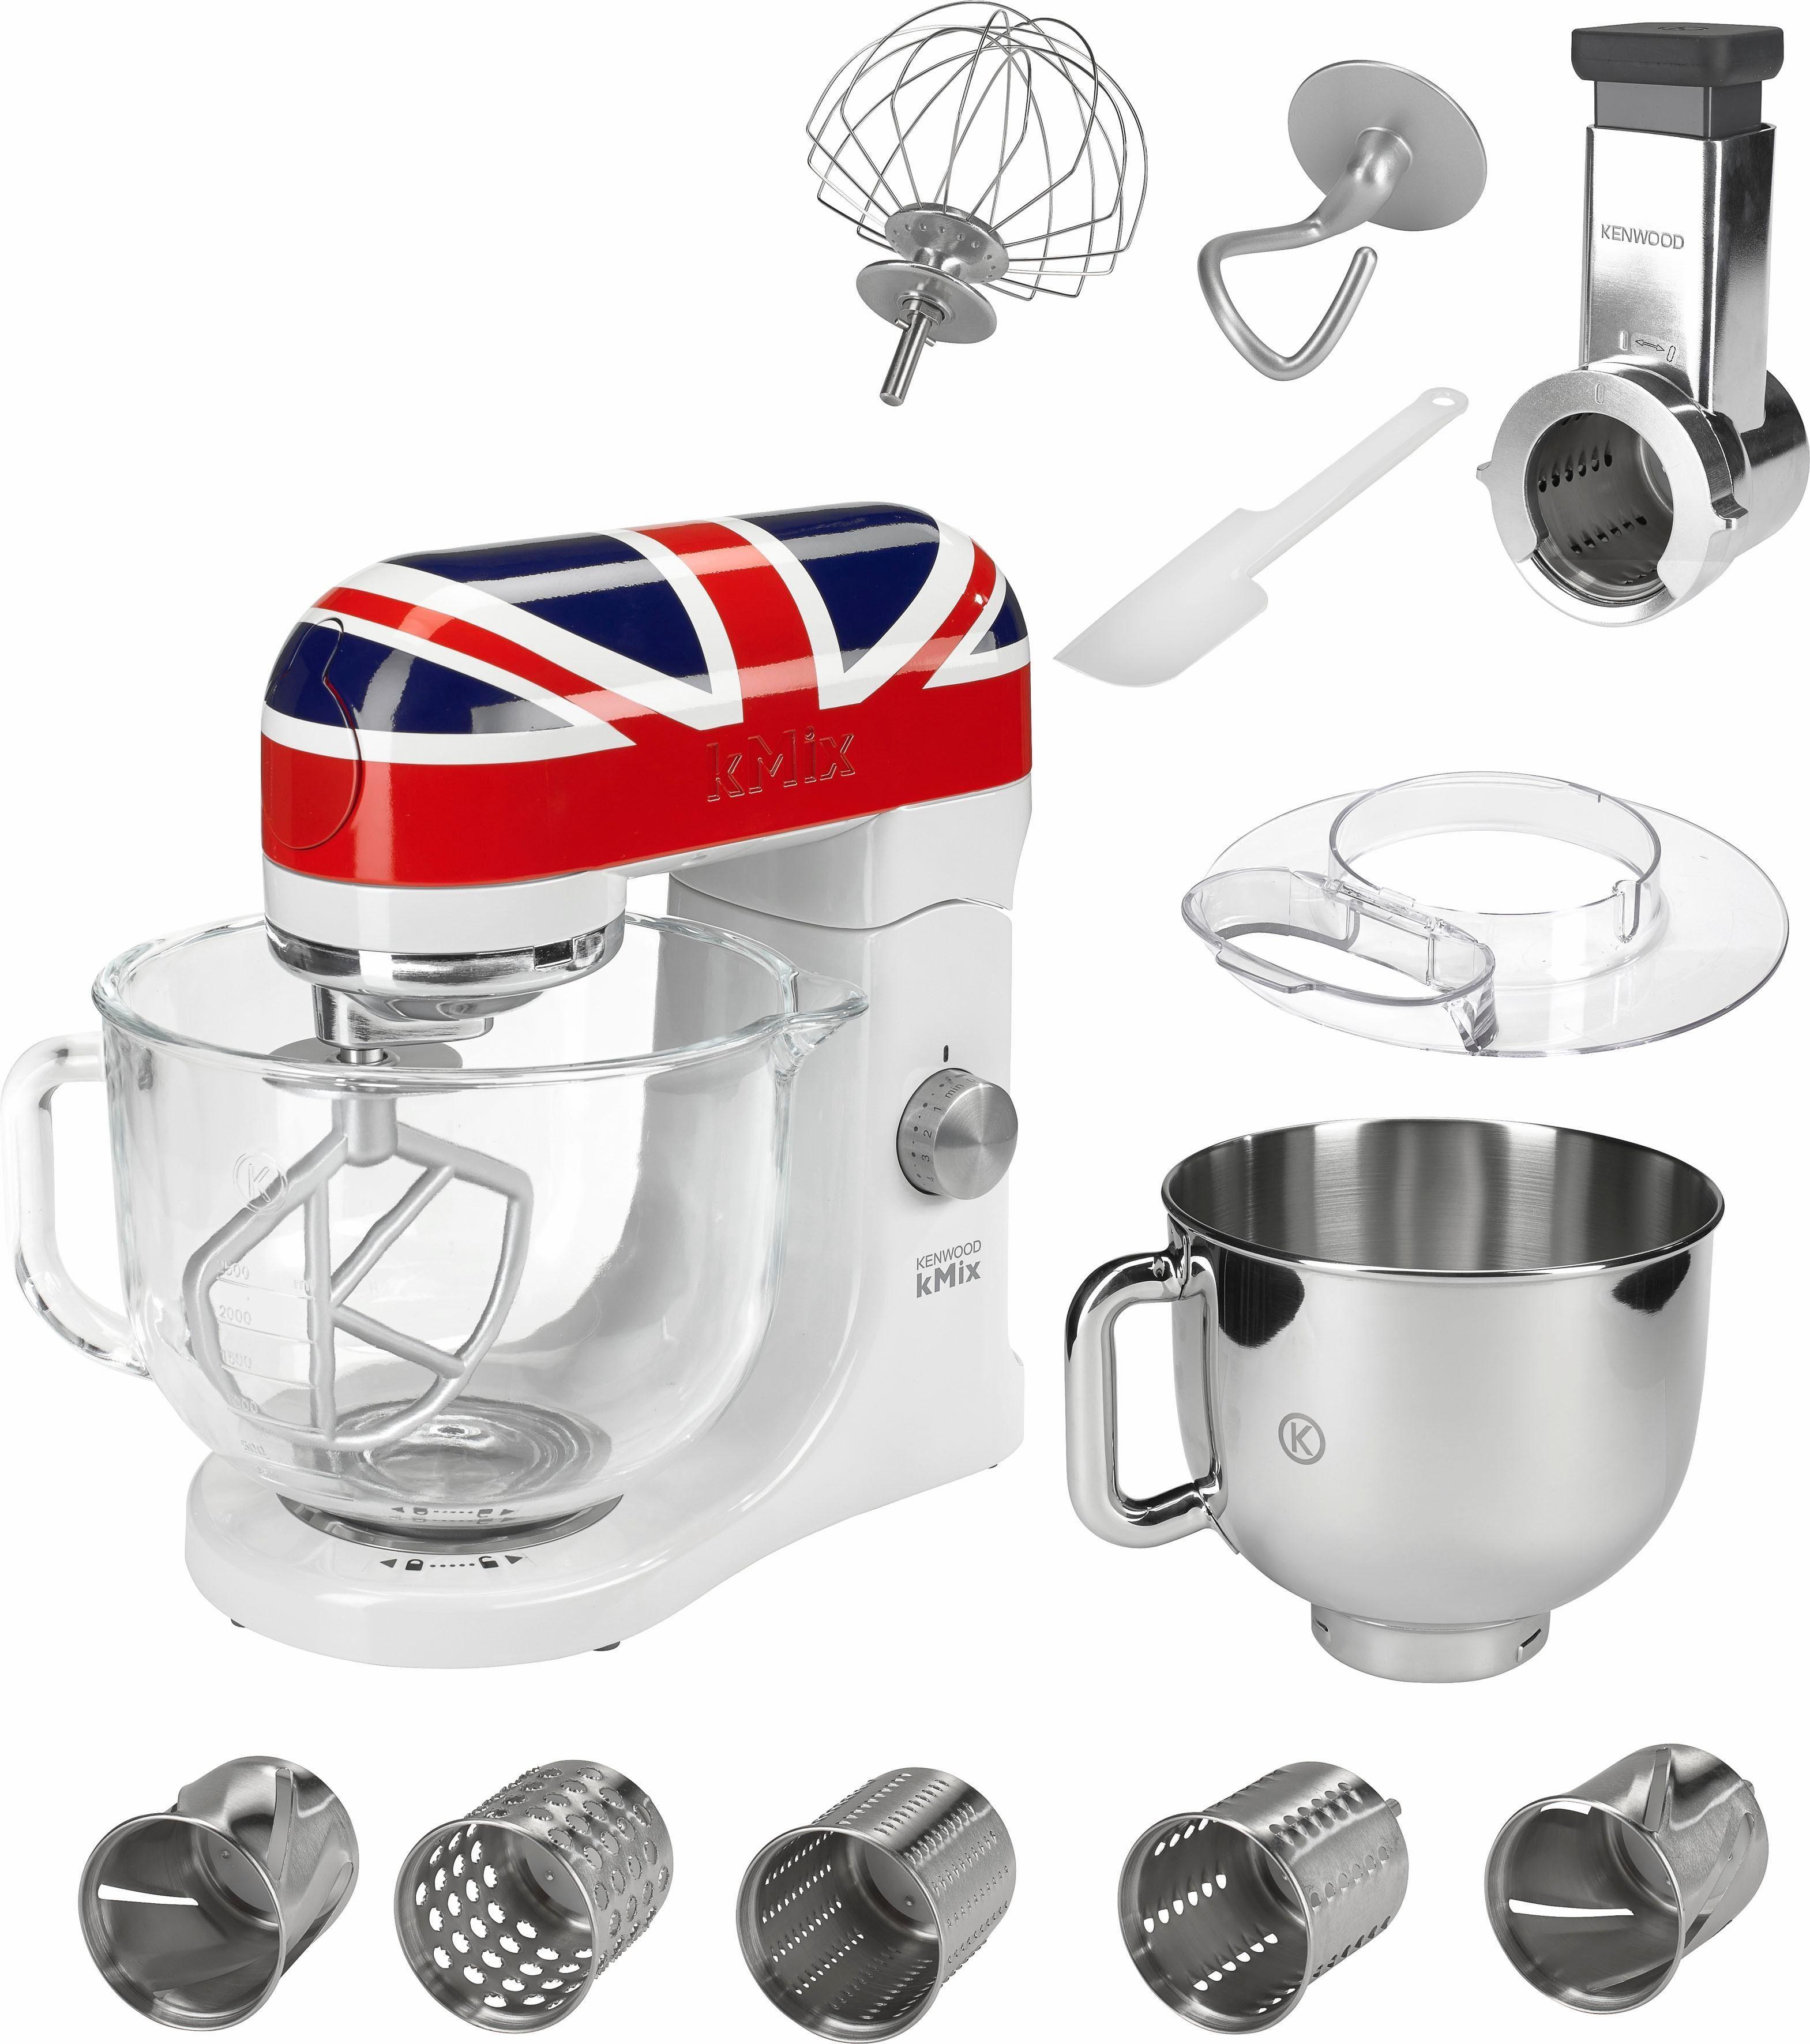 Kenwood Küchenmaschine kMix KMX50UJ - Gratis dazu: Trommelraffel+Edelstahlschüssel Wert 119,98€